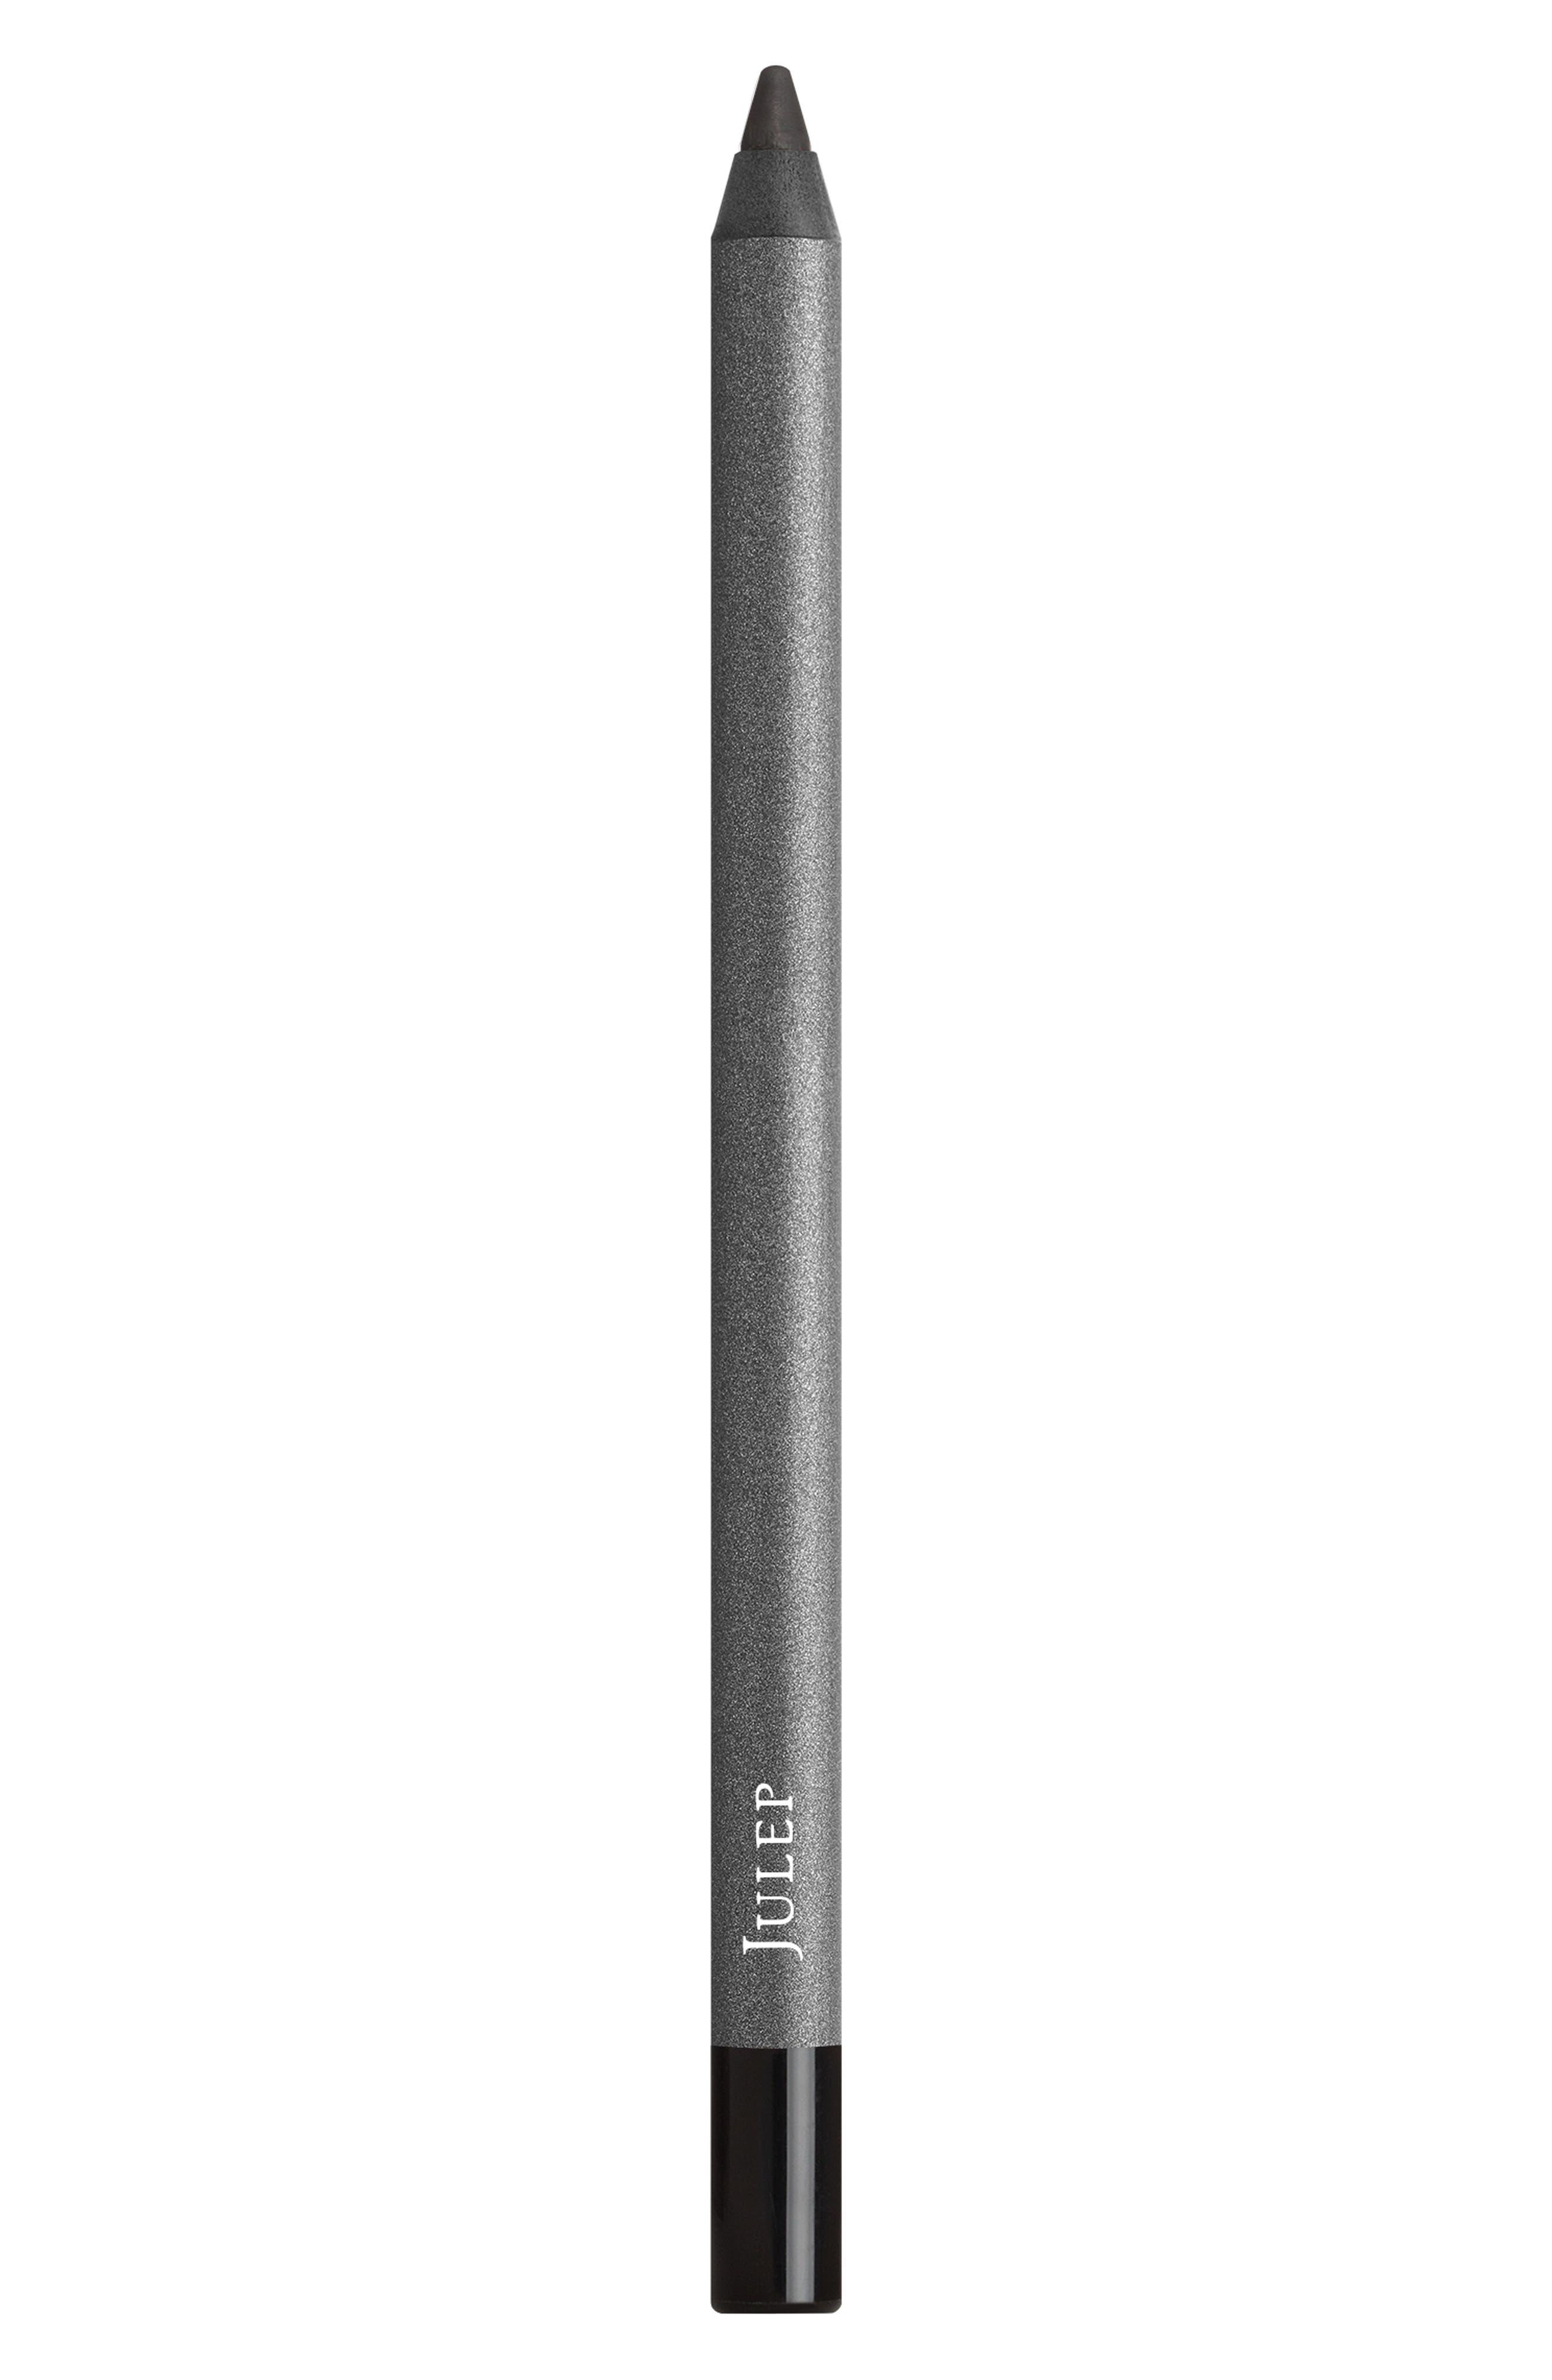 Julep(TM) When Pencil Met Gel Long-Lasting Eyeliner - Soft Black